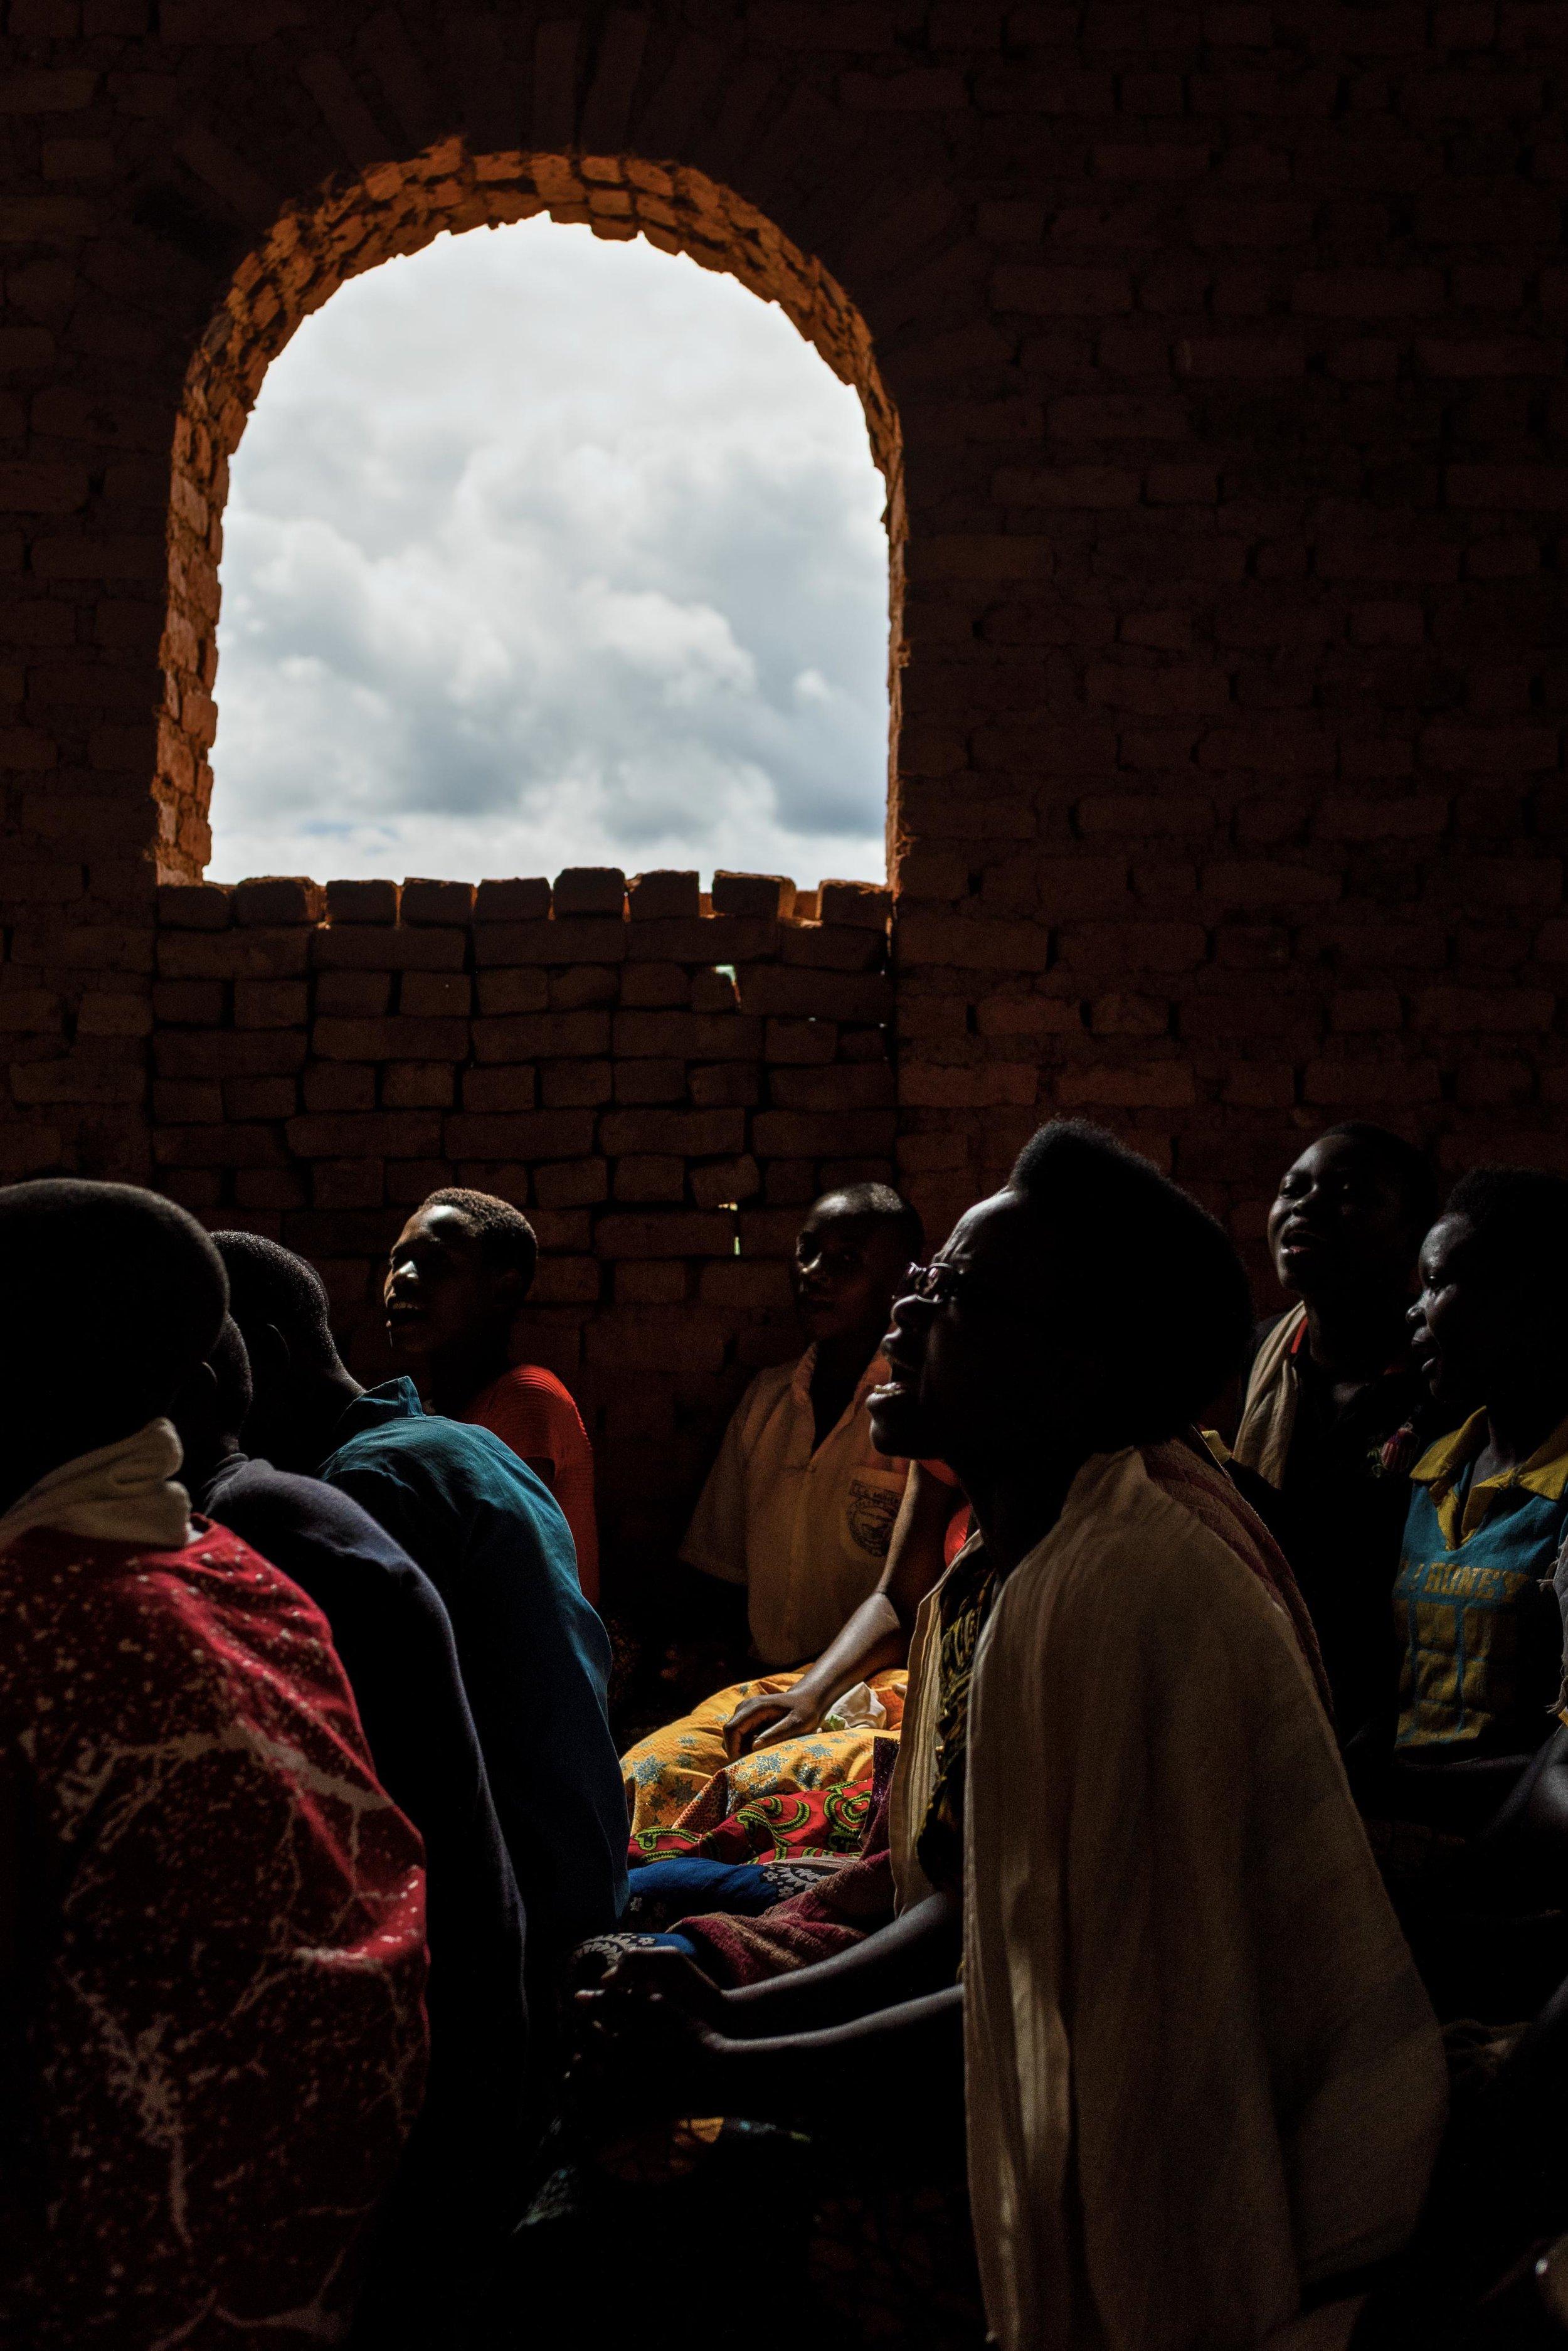 Sunday church choir in rural Burundi. 2019.